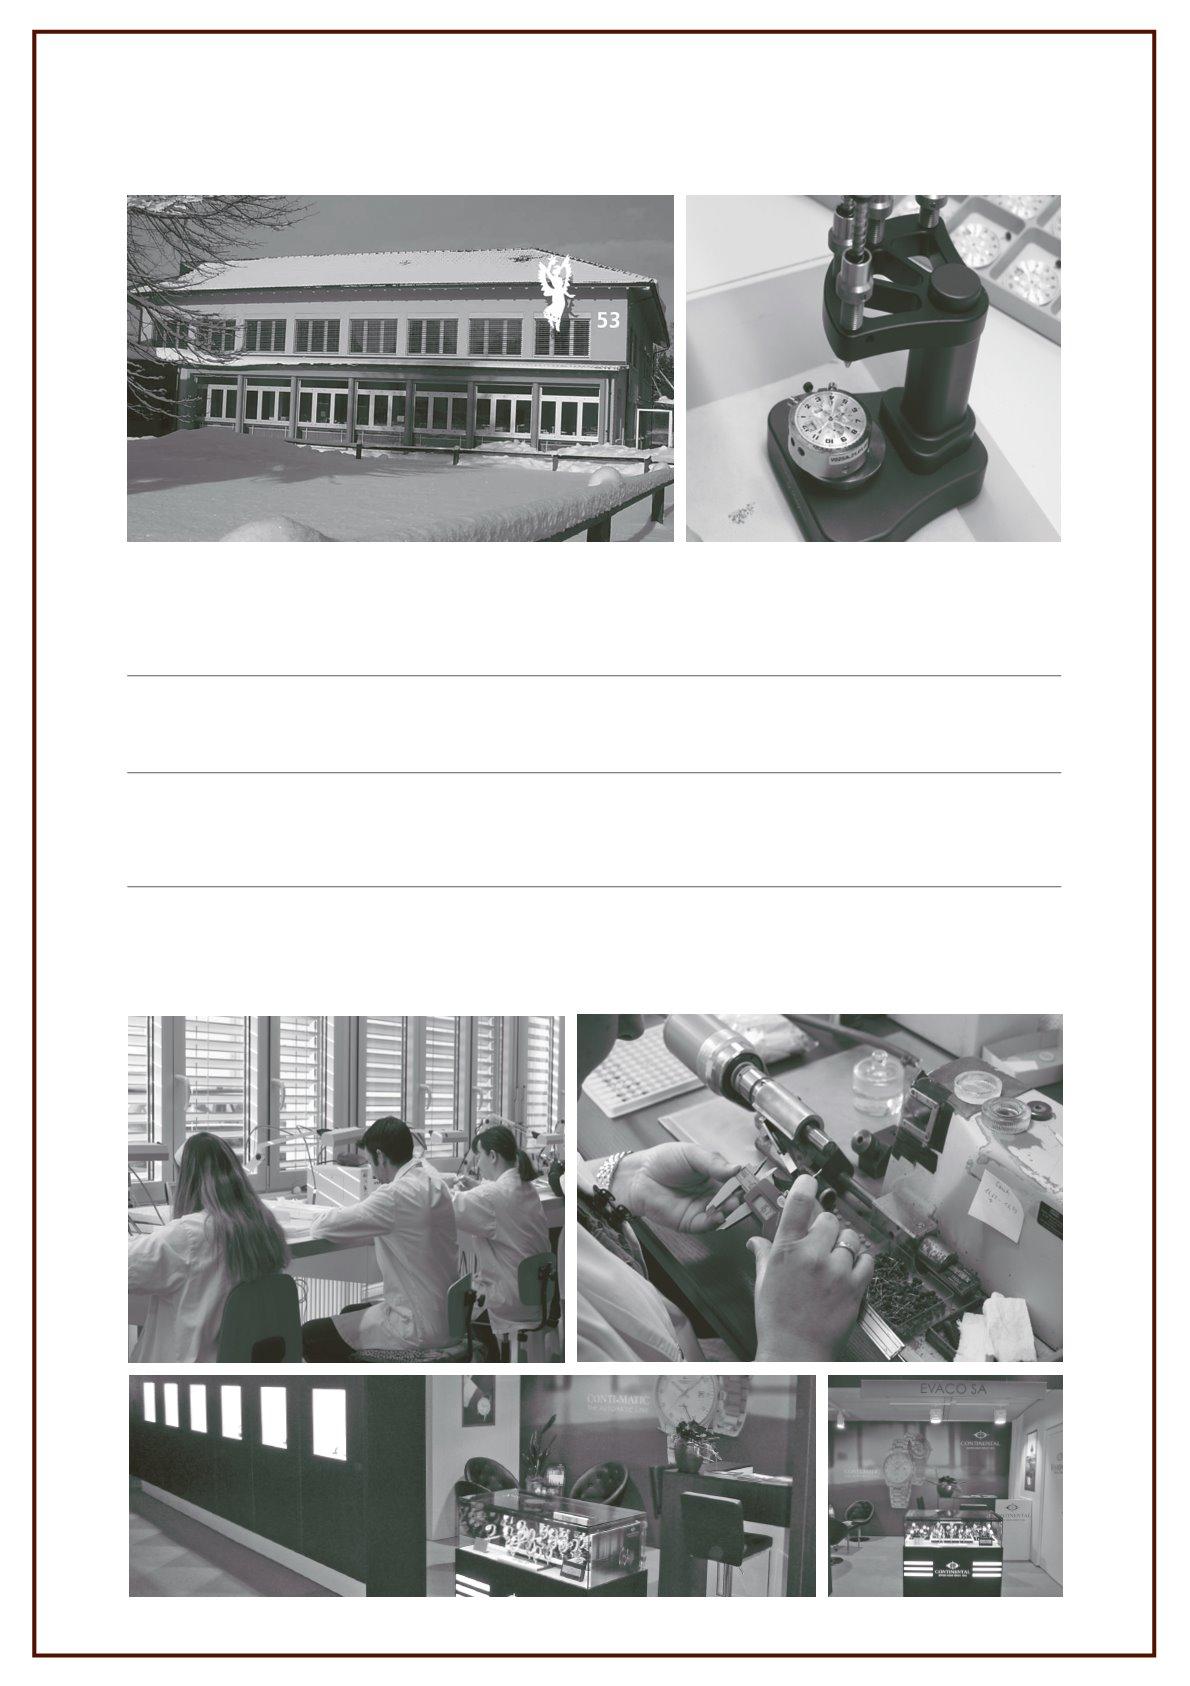 Каталог contitech пневморессоры скачать pdf